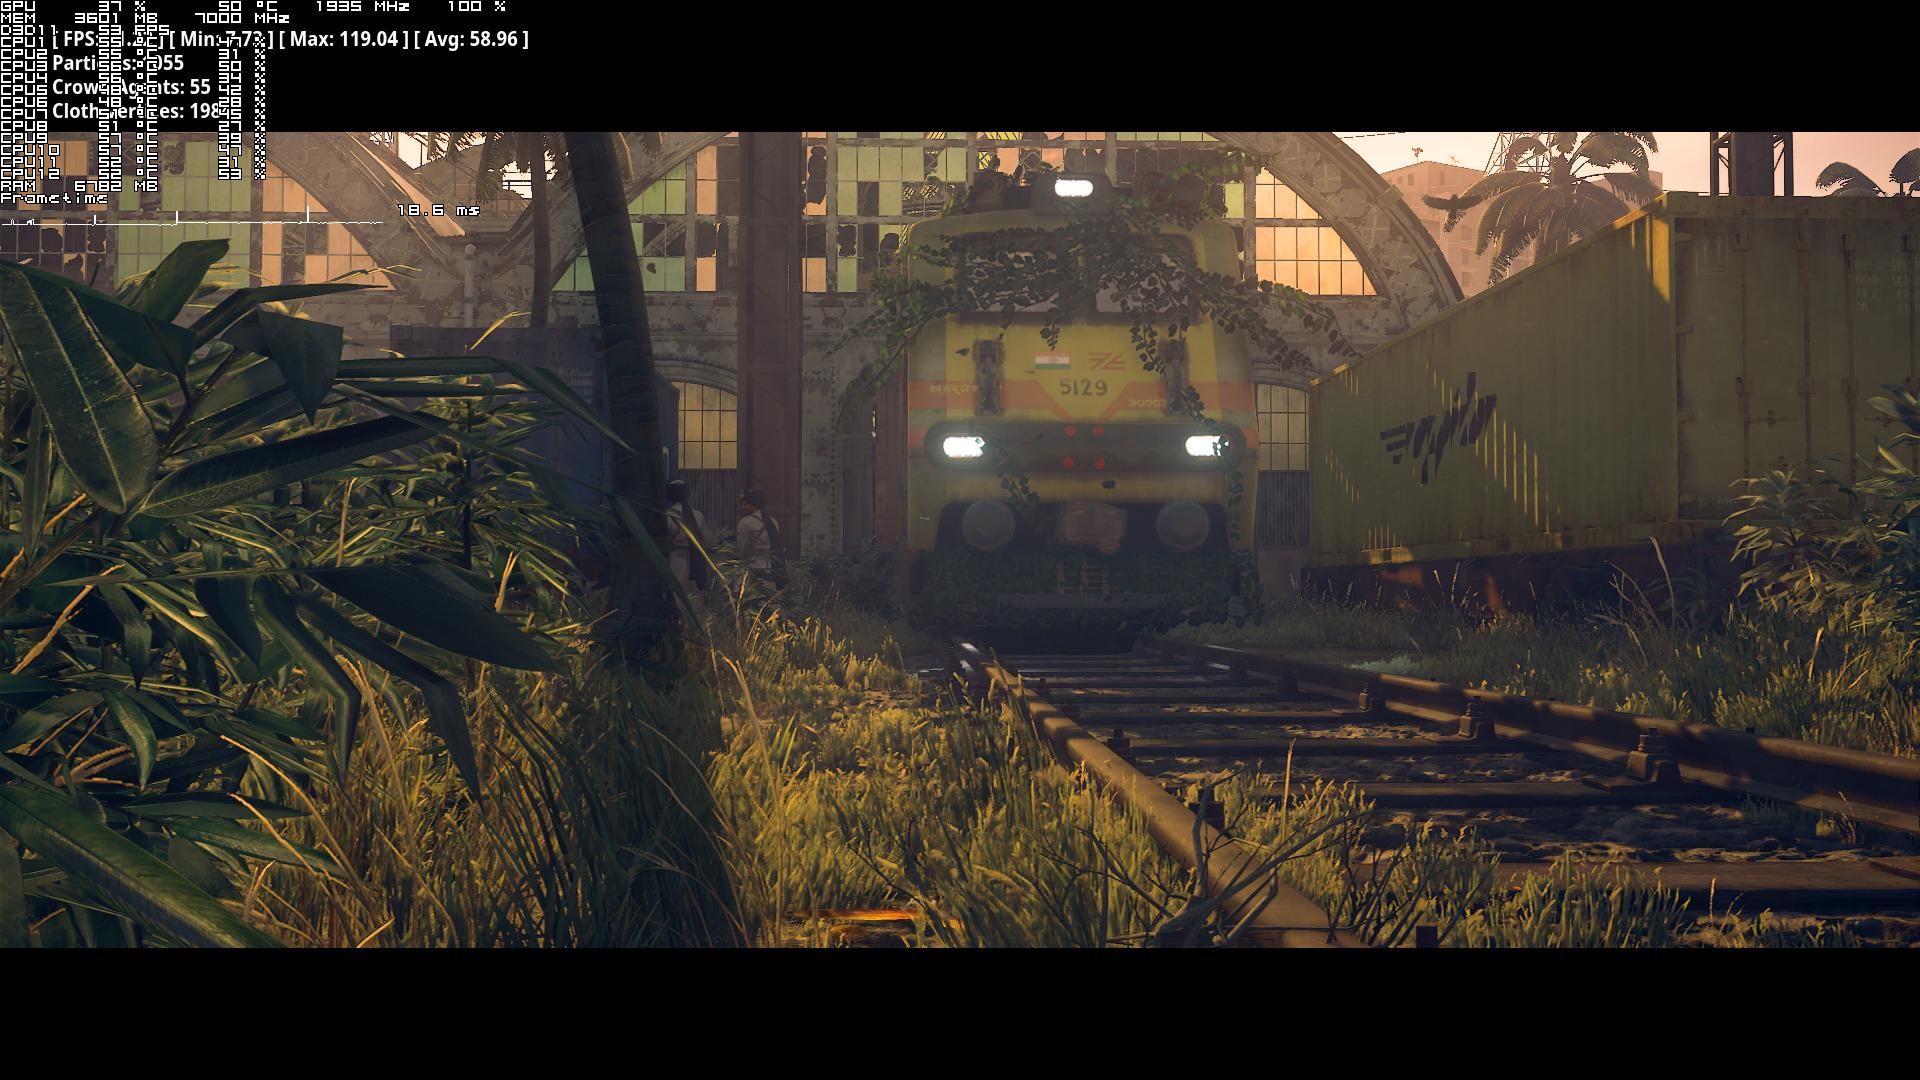 《杀手2》打上DX12补丁后表现惊人 游戏性能极大提升